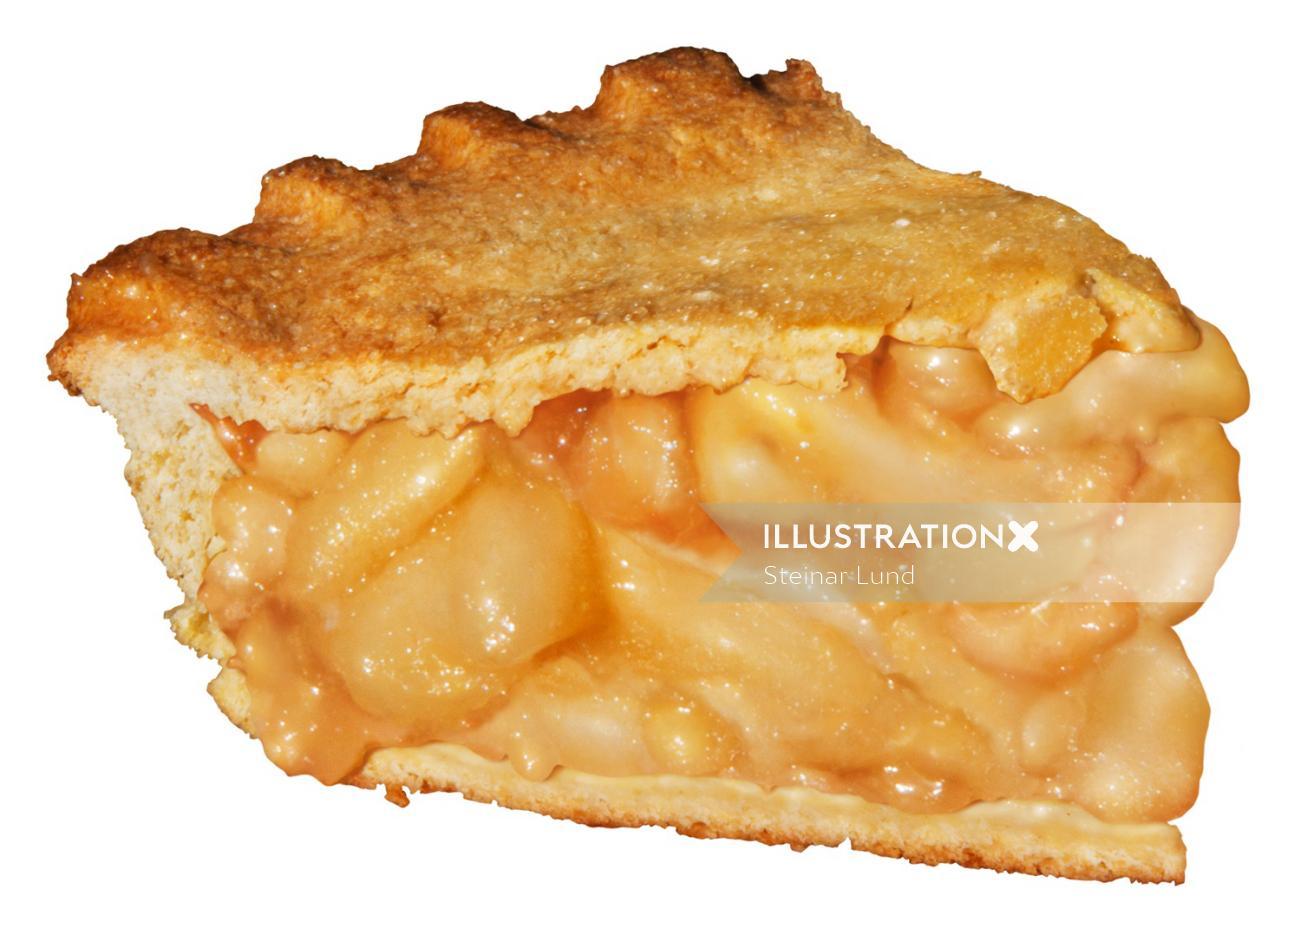 Slice of Apple Pie Food Illustration